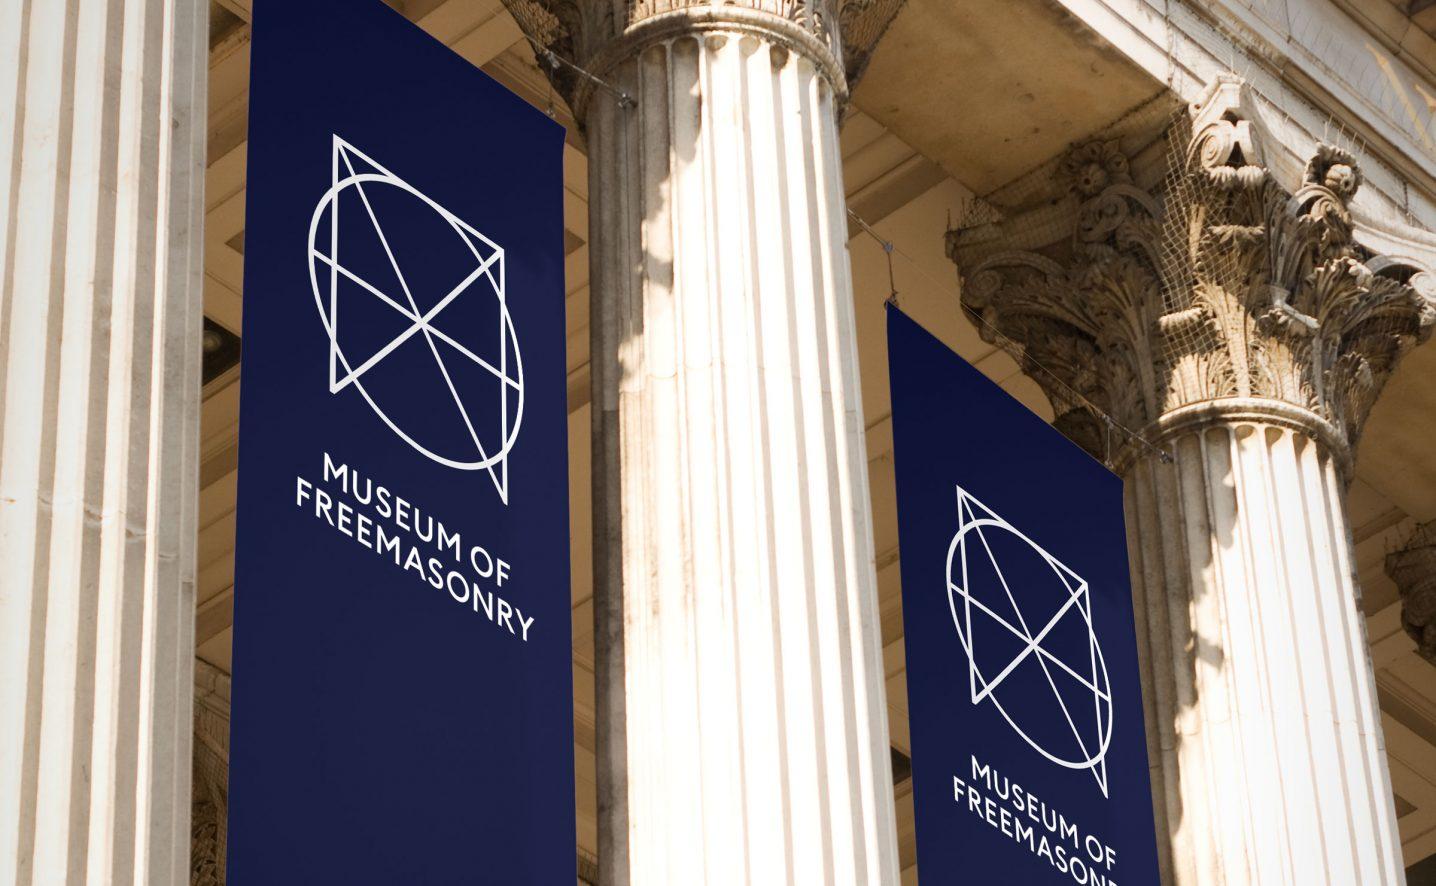 Musueum-of-freemasonry-banners